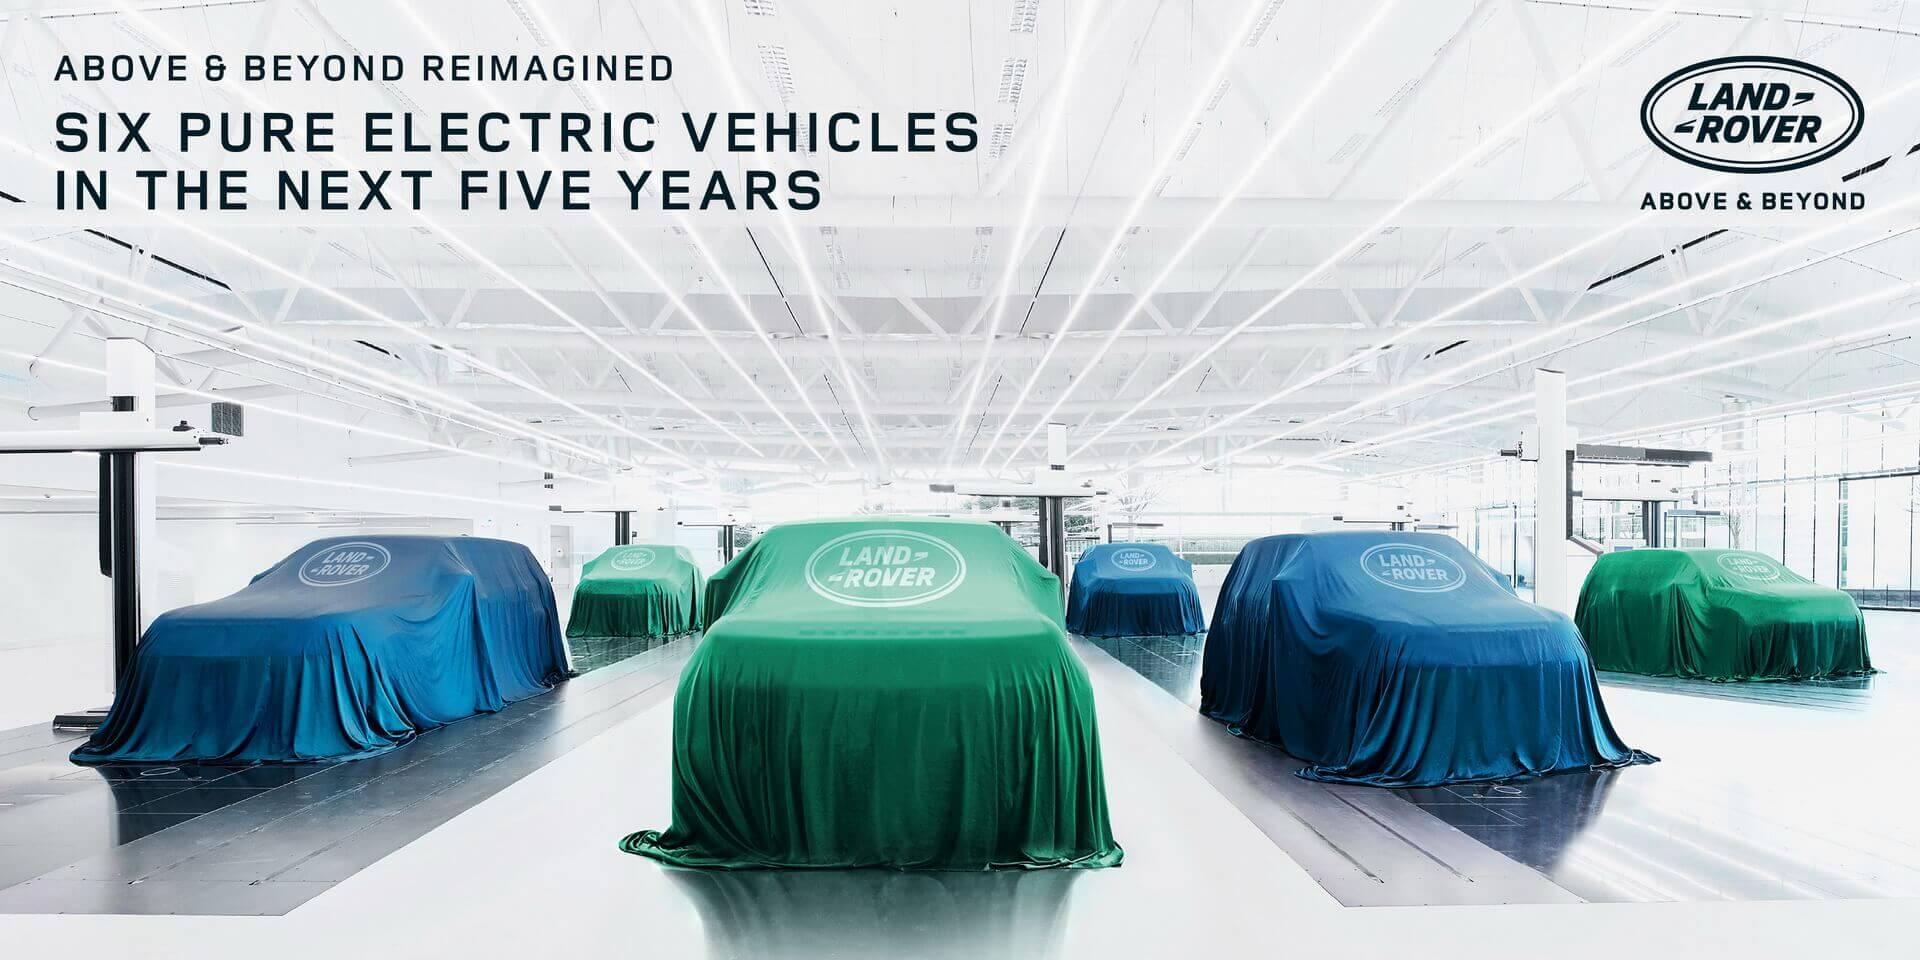 В ближайшие 5 лет Land Rover выпустит шесть полностью электрических внедорожников